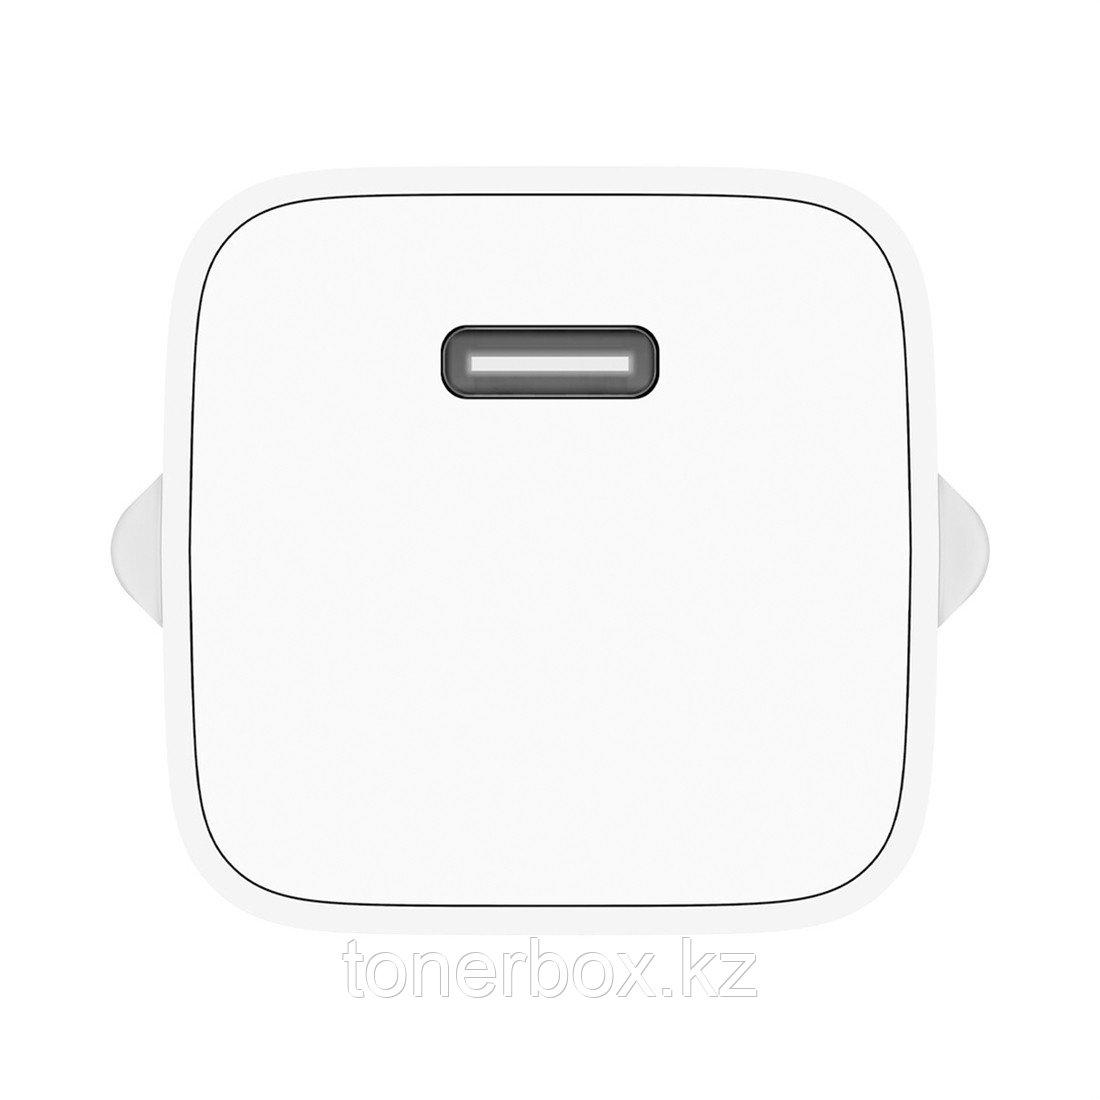 Зарядное устройство Xiaomi Mi GaN 65W - фото 3